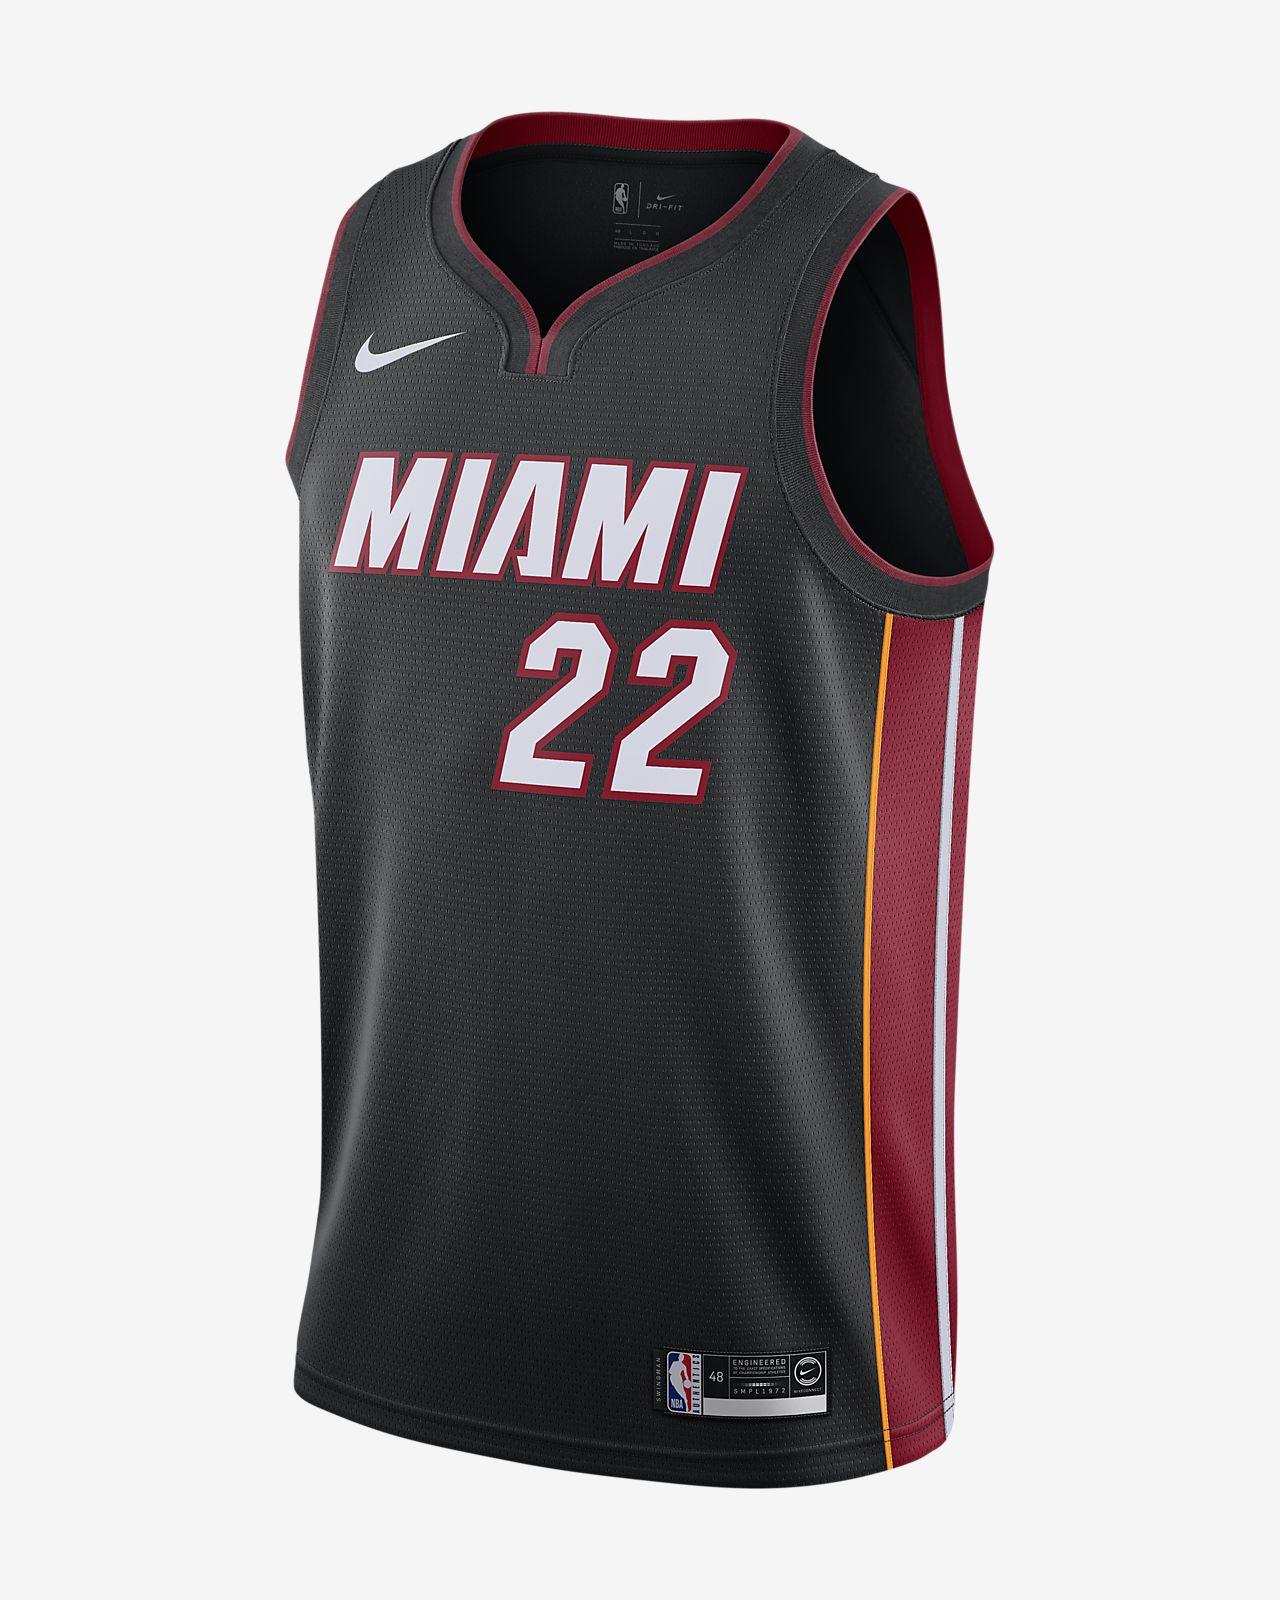 ジミー バトラー ヒート アイコン エディション ナイキ NBA スウィングマン ジャージー